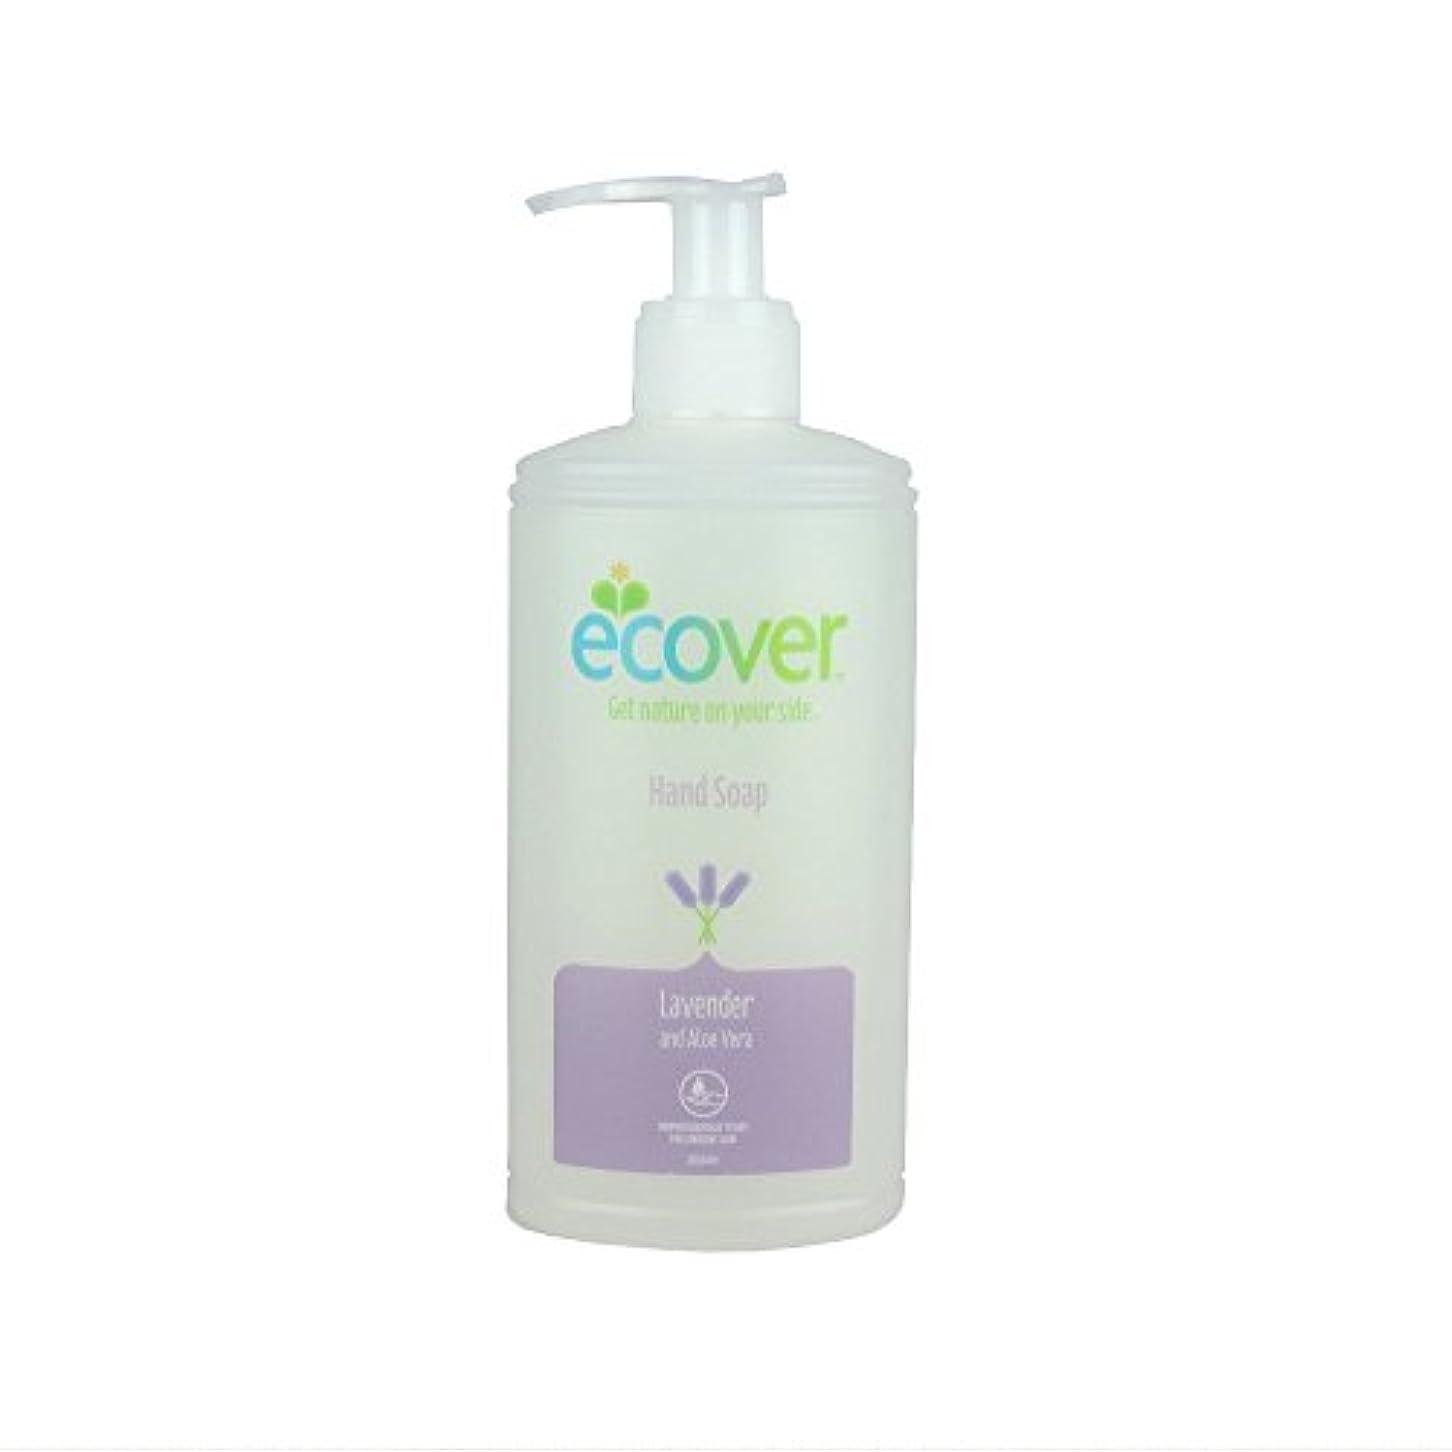 脊椎大砲出くわすEcover Liquid Hand Soap Lavender & Aloe Vera (250ml) 液体ハンドソープラベンダーとアロエベラ( 250ミリリットル)をエコベール